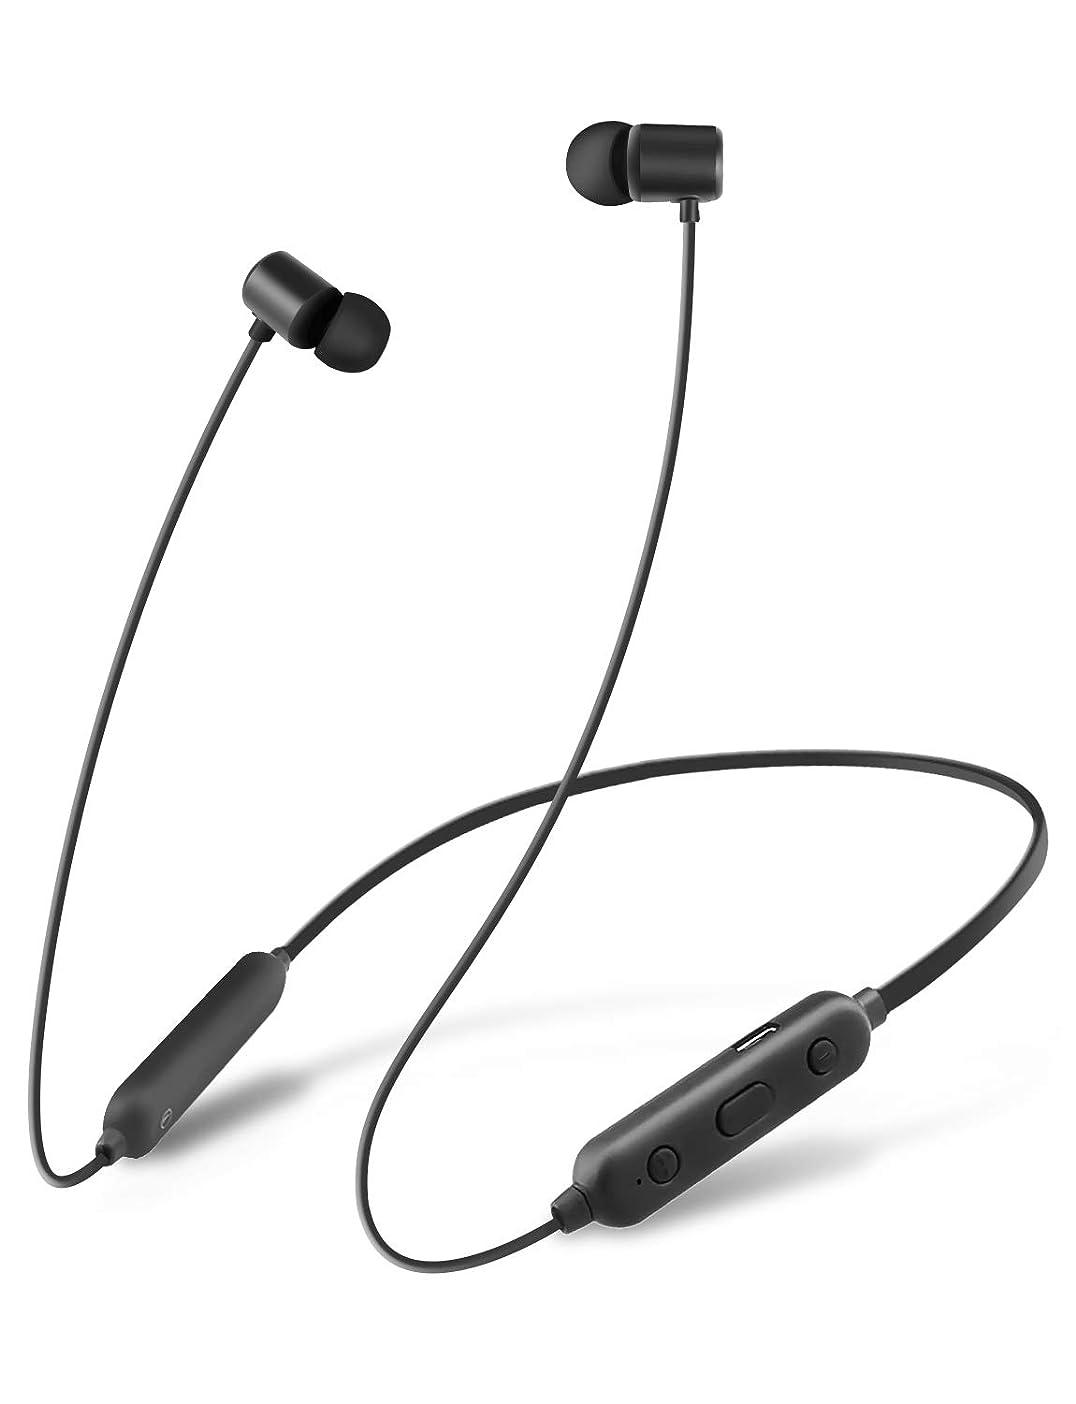 測定手当入学するXUNPULS 進化版 IPX7完全防水 Bluetooth イヤホン ネックバンド型 10時間連続再生 マグネット搭載